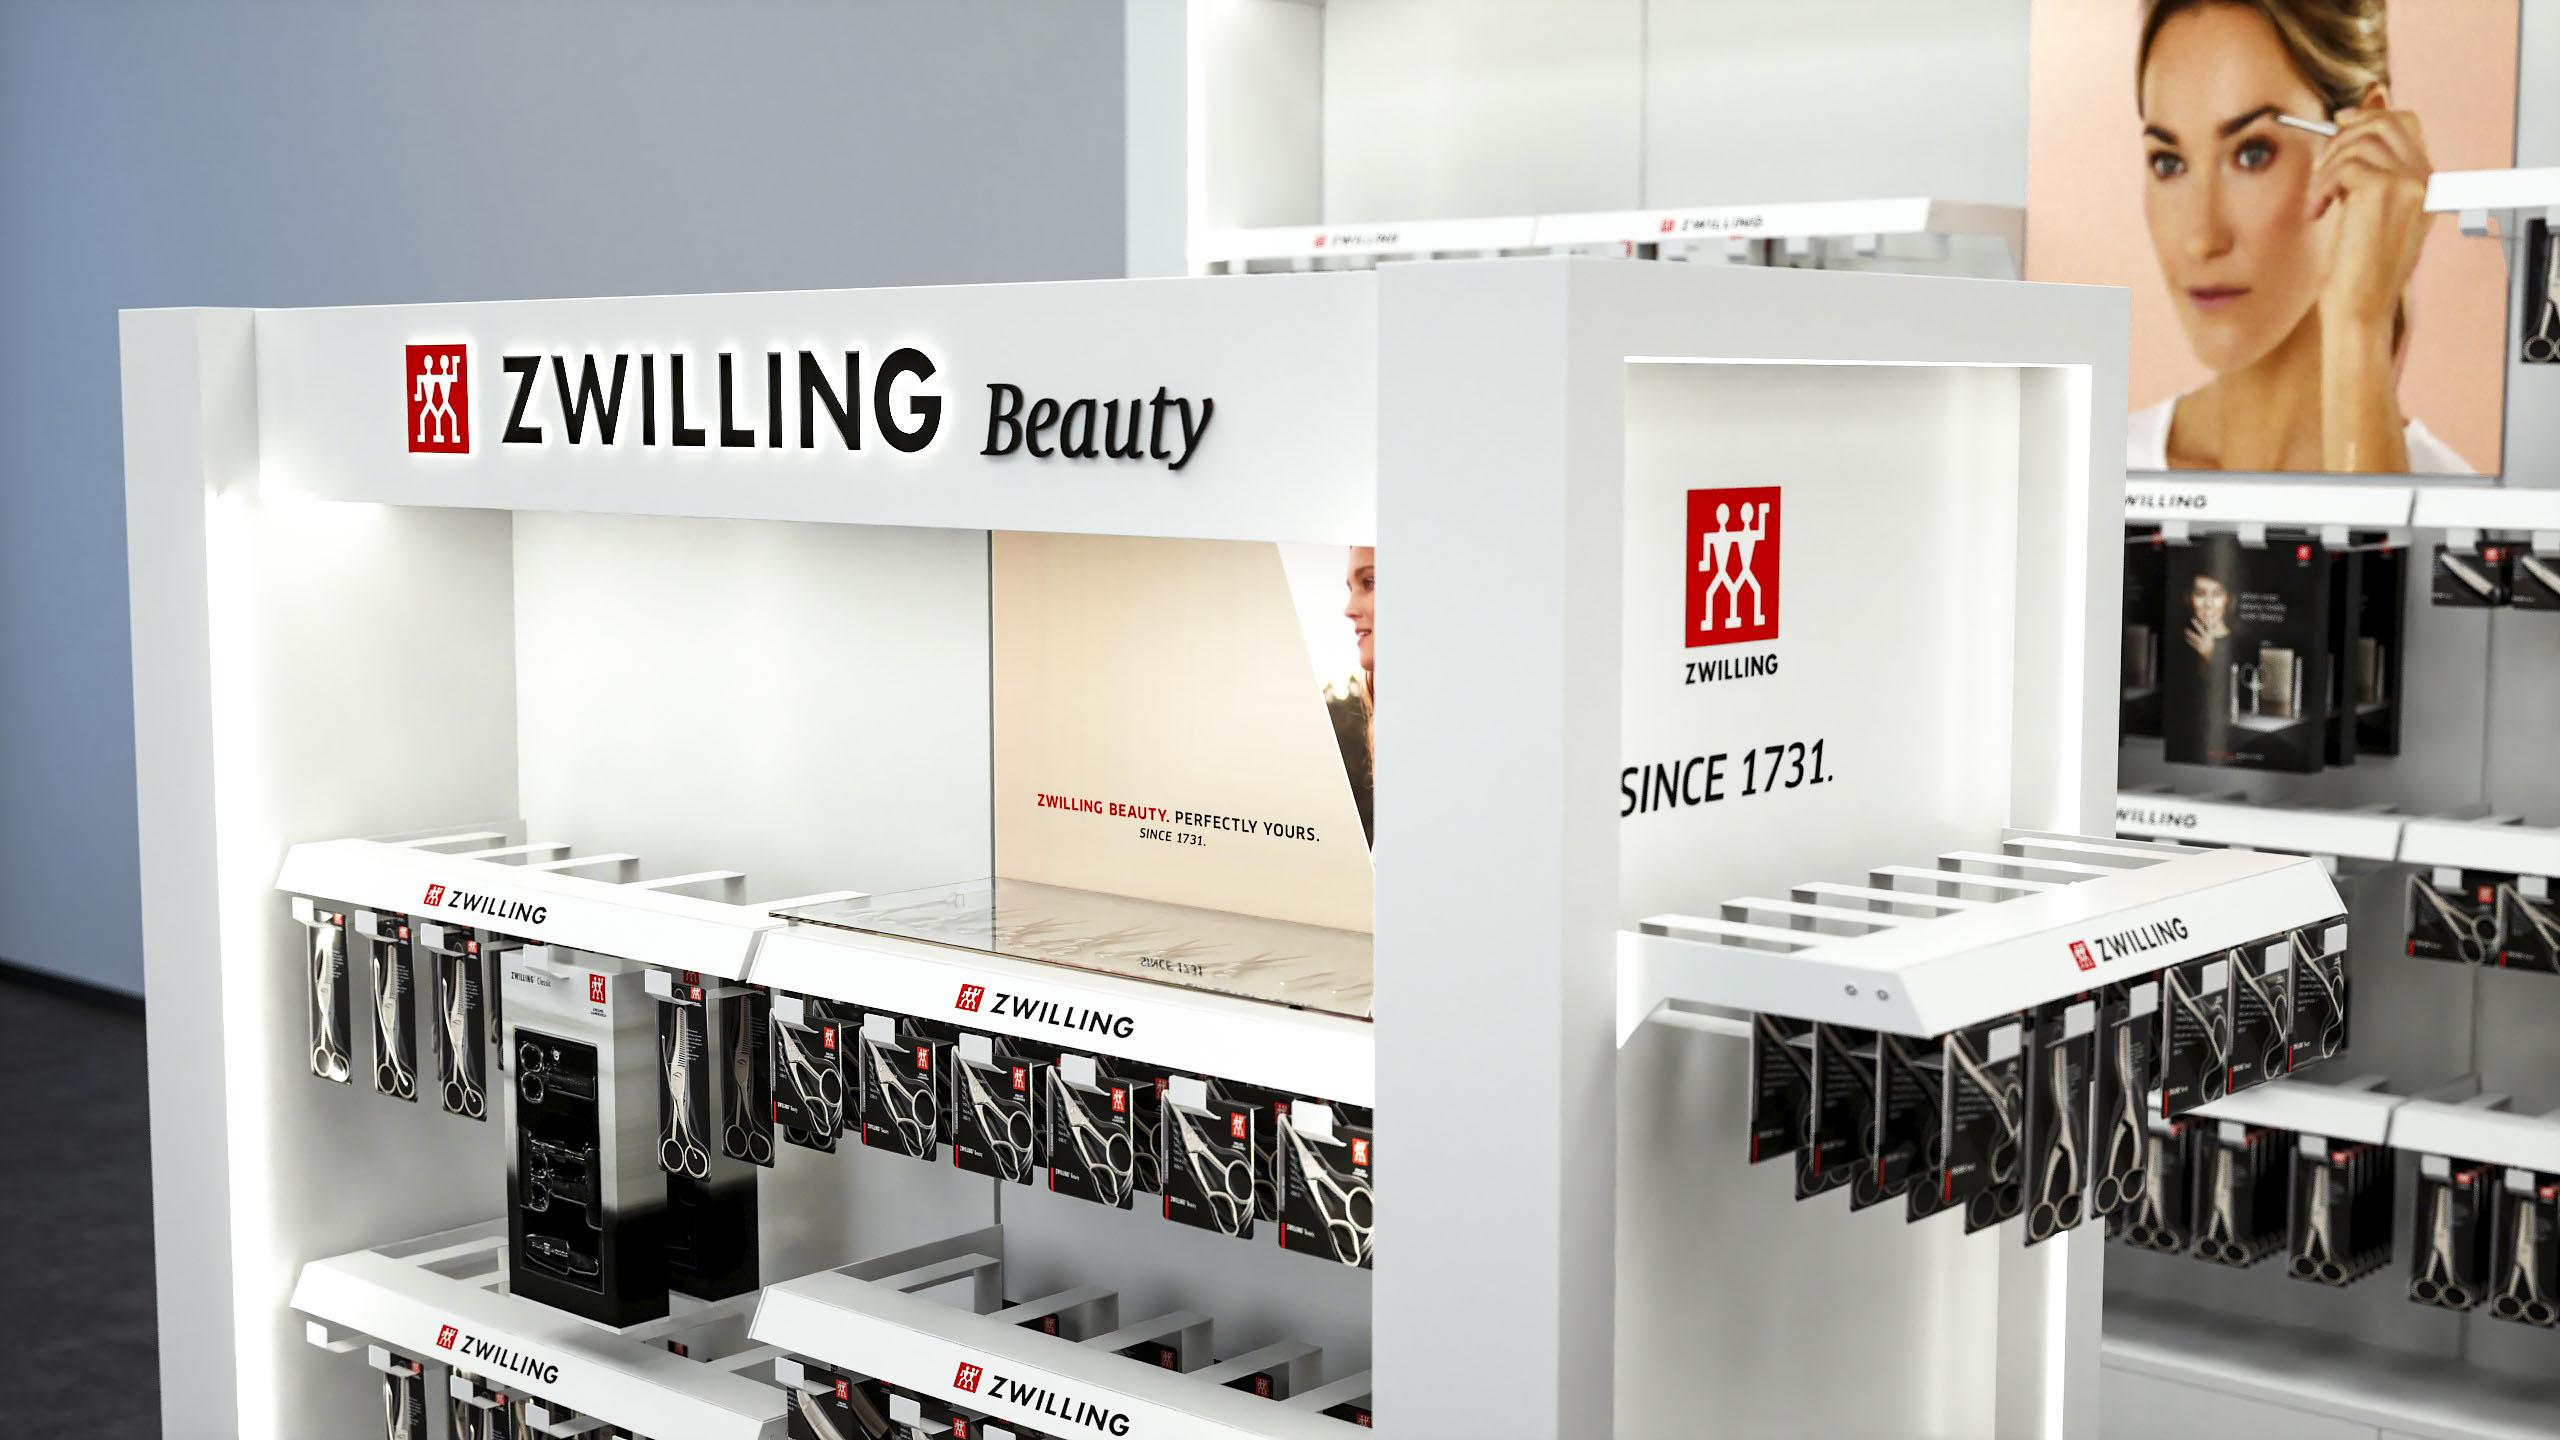 Zwilling_Beauty_SIS_03_KR